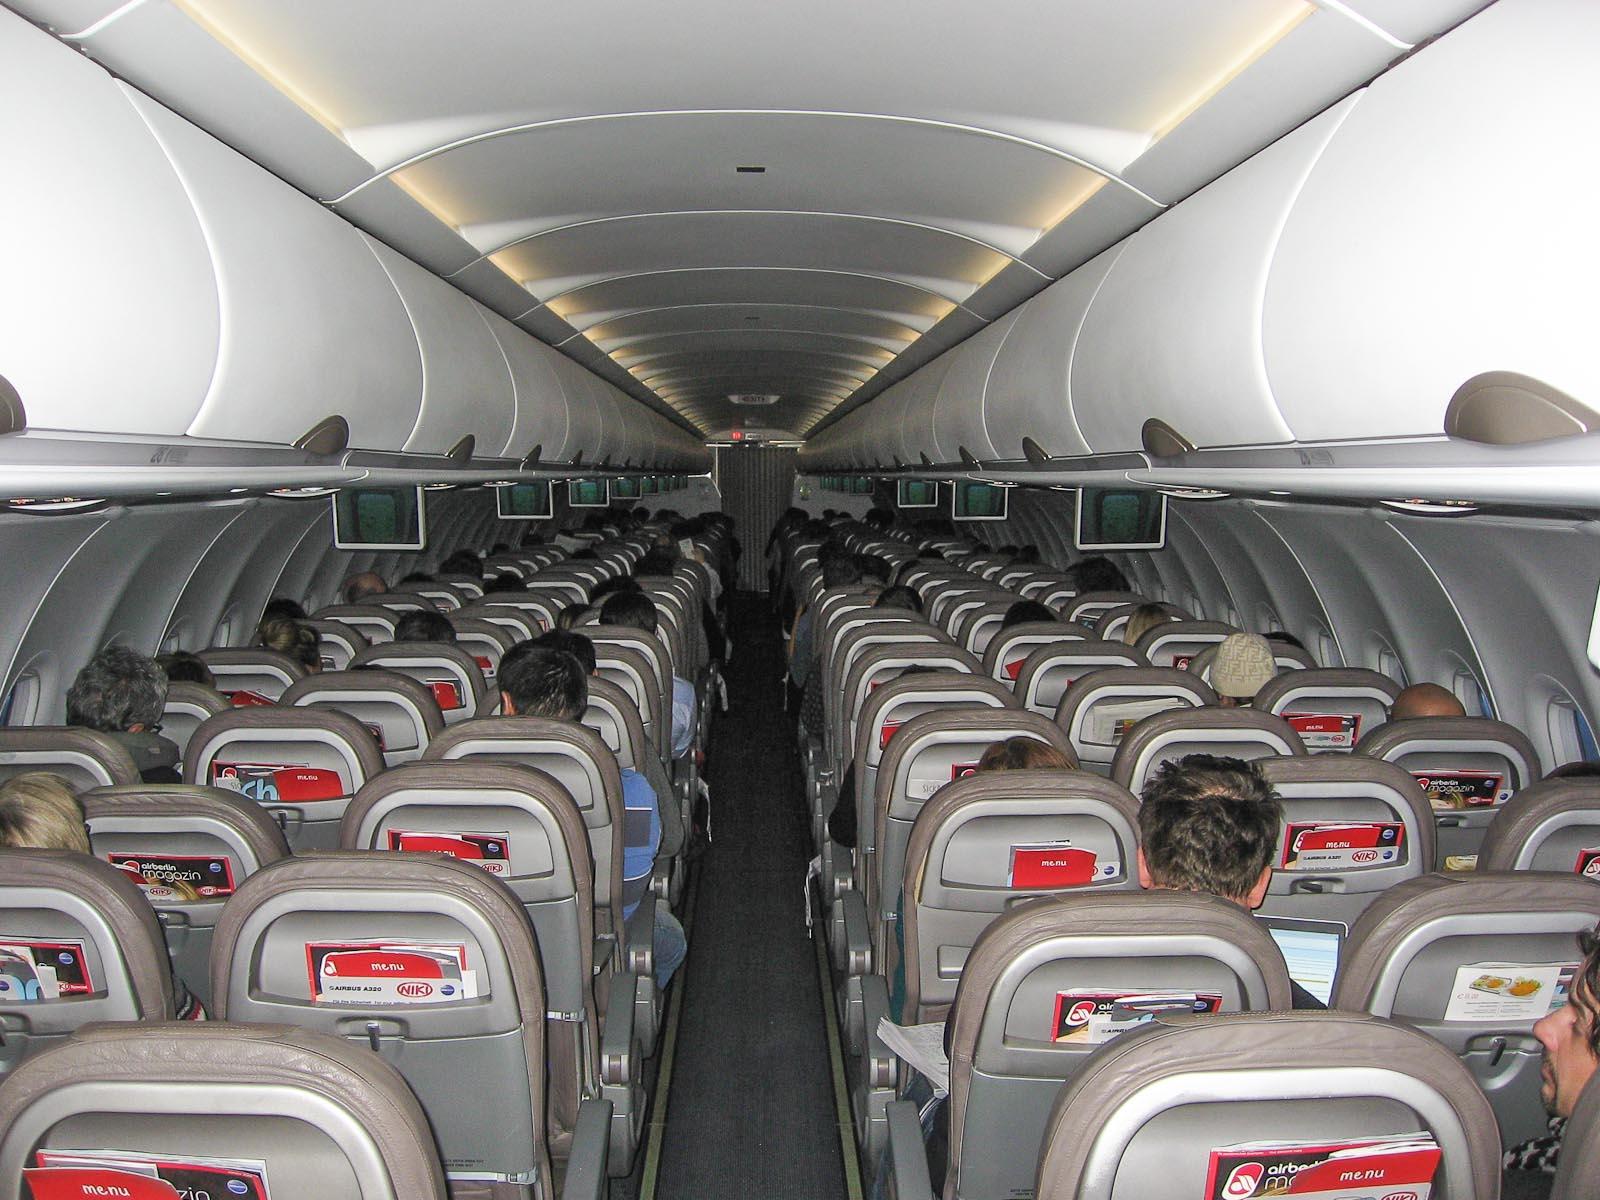 Салон самолета Airbus A320 авиакомпании Niki